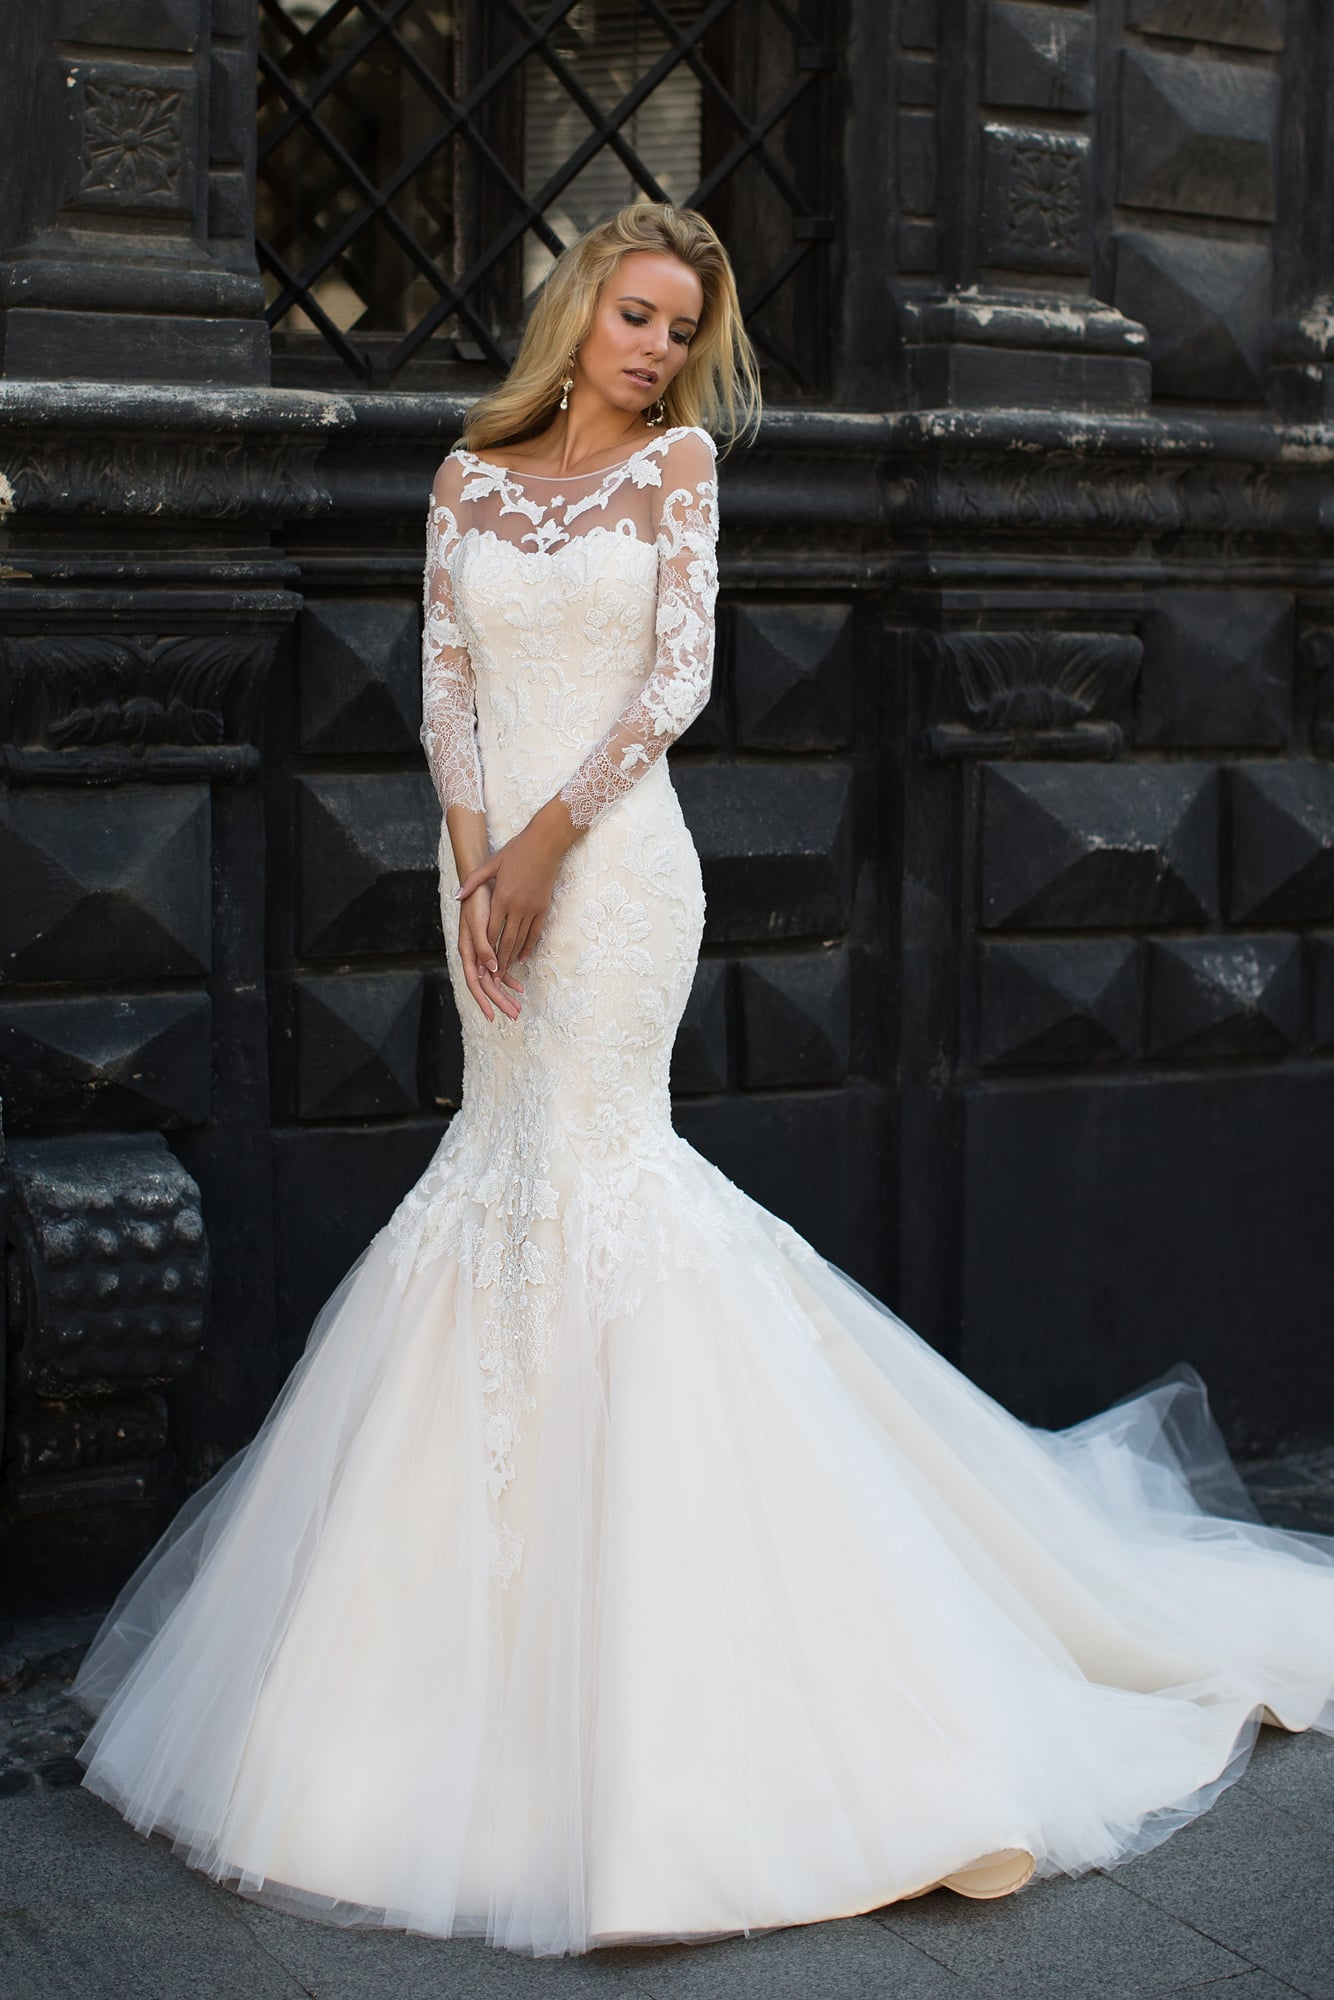 Купить свадебное платье рыбкой в москве